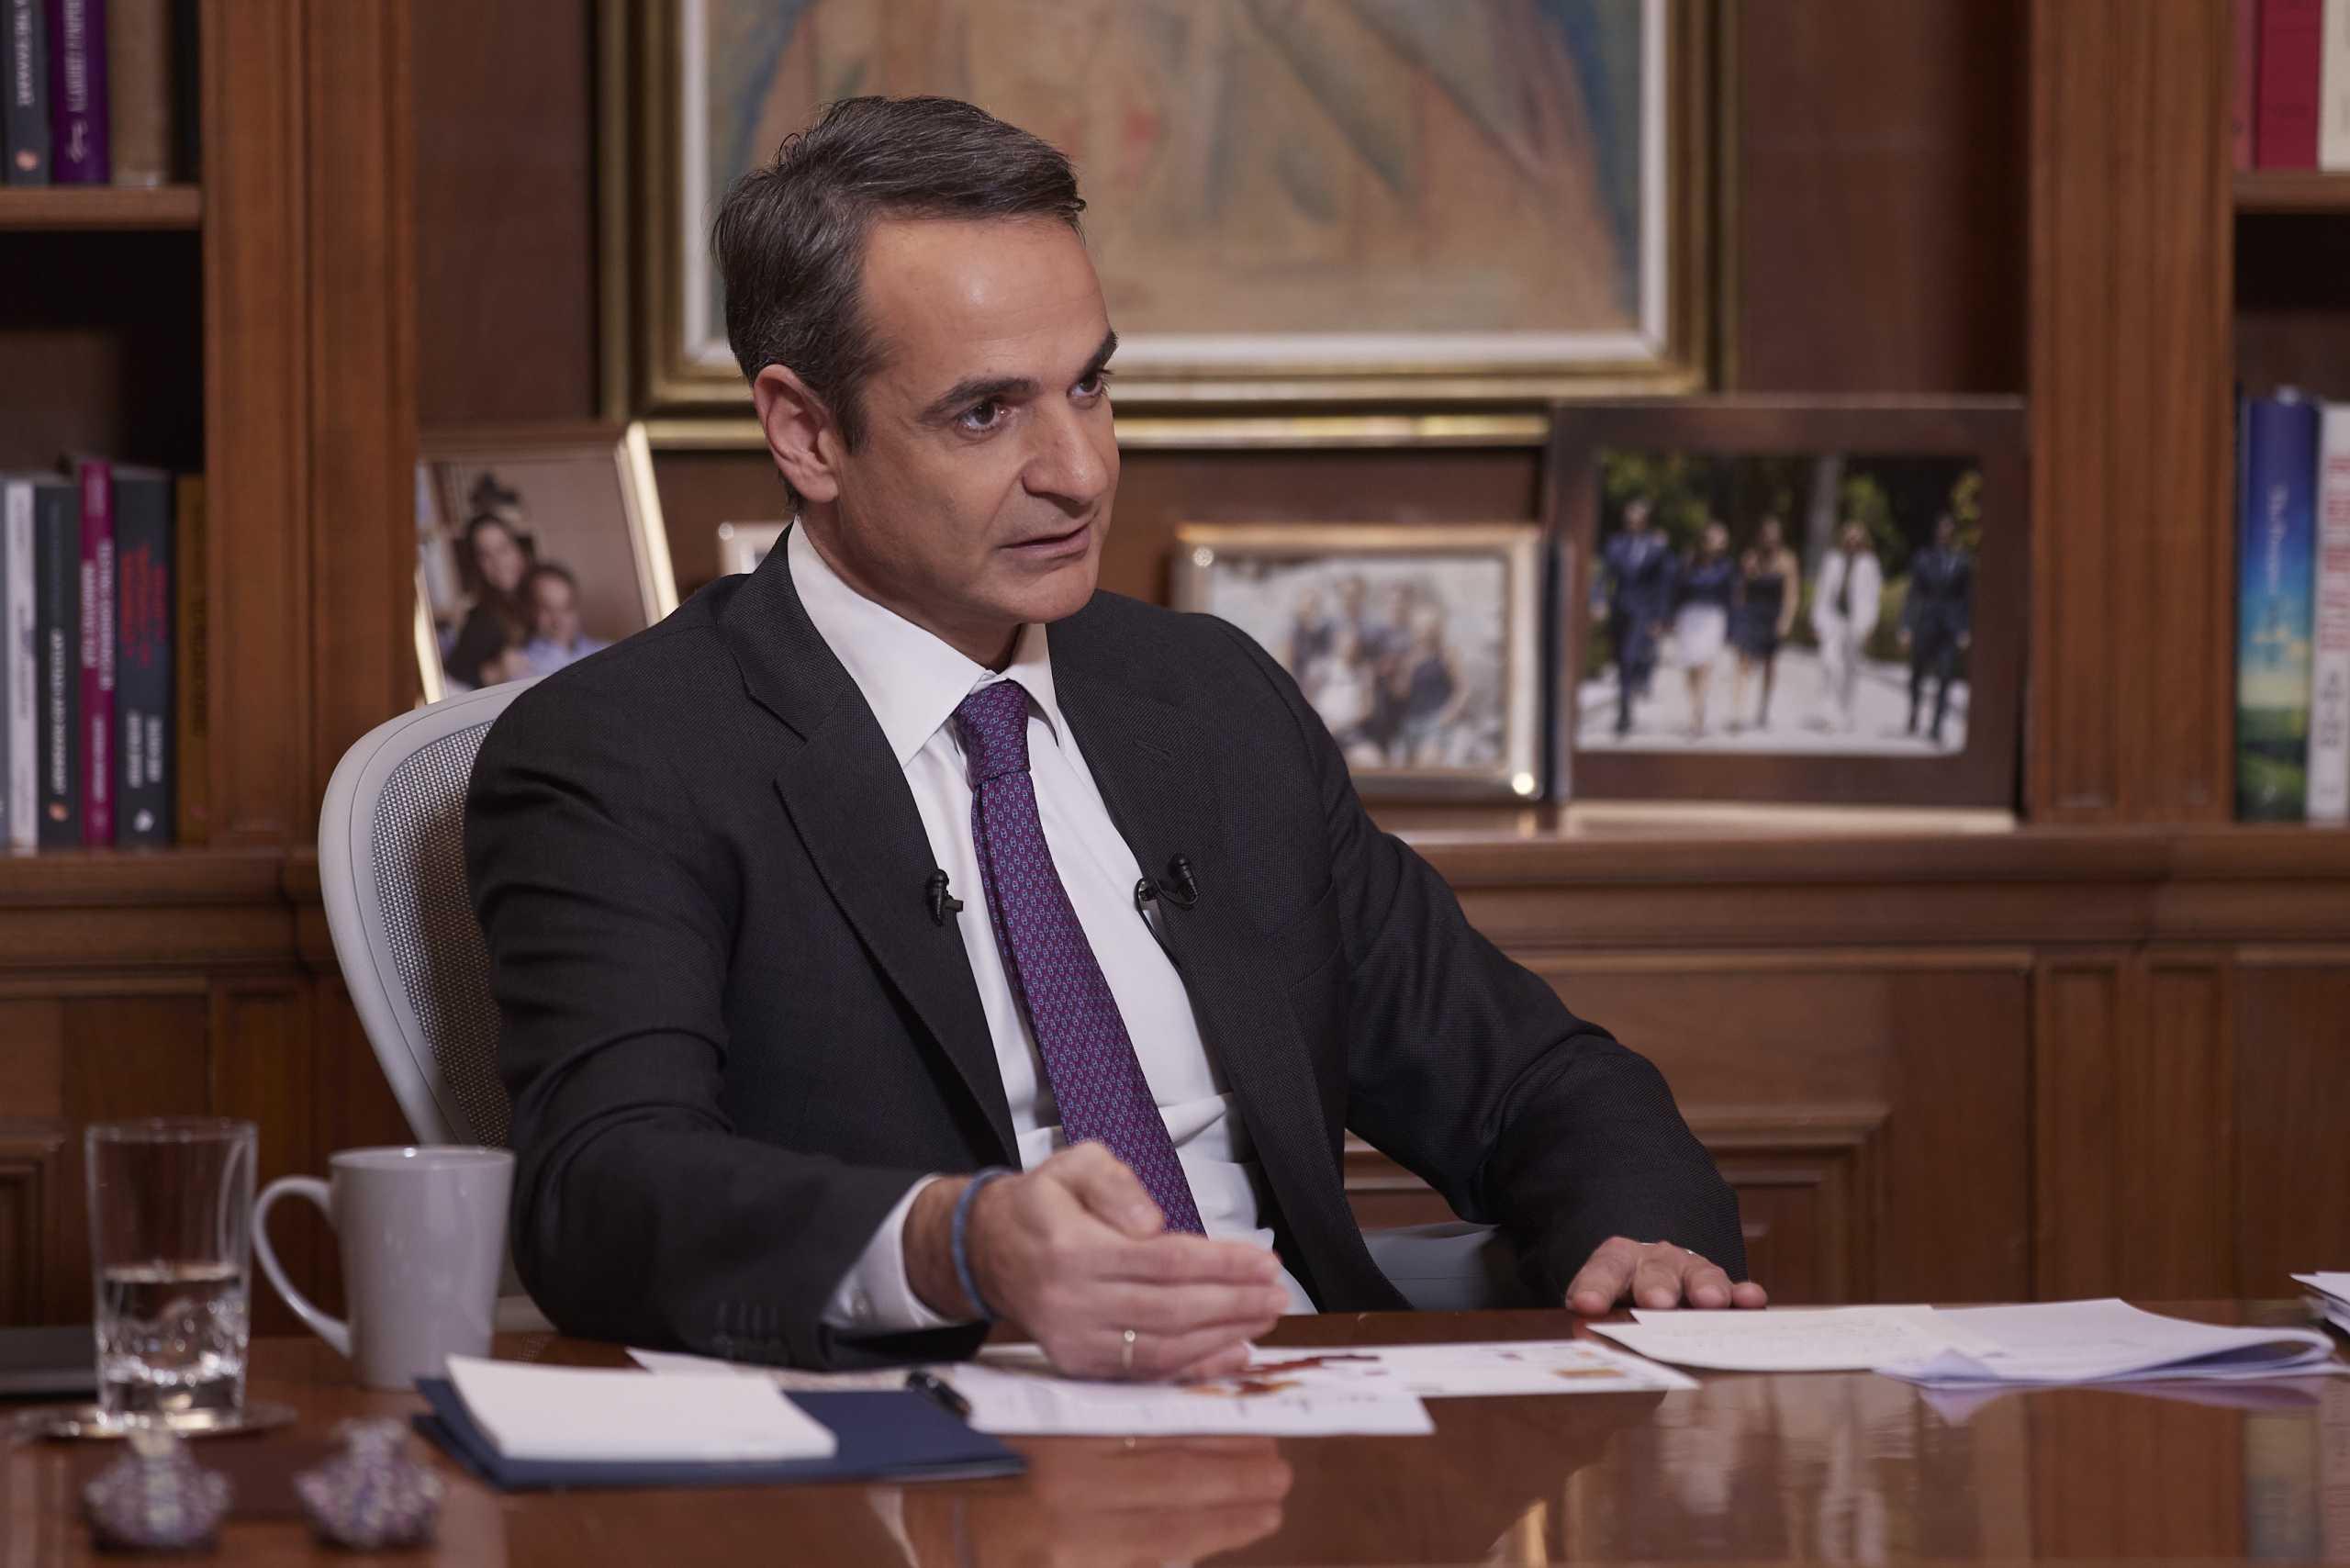 Συγχαρητήρια Μητσοτάκη στον νέο Ιταλό πρωθυπουργό Μάριο Ντράγκι